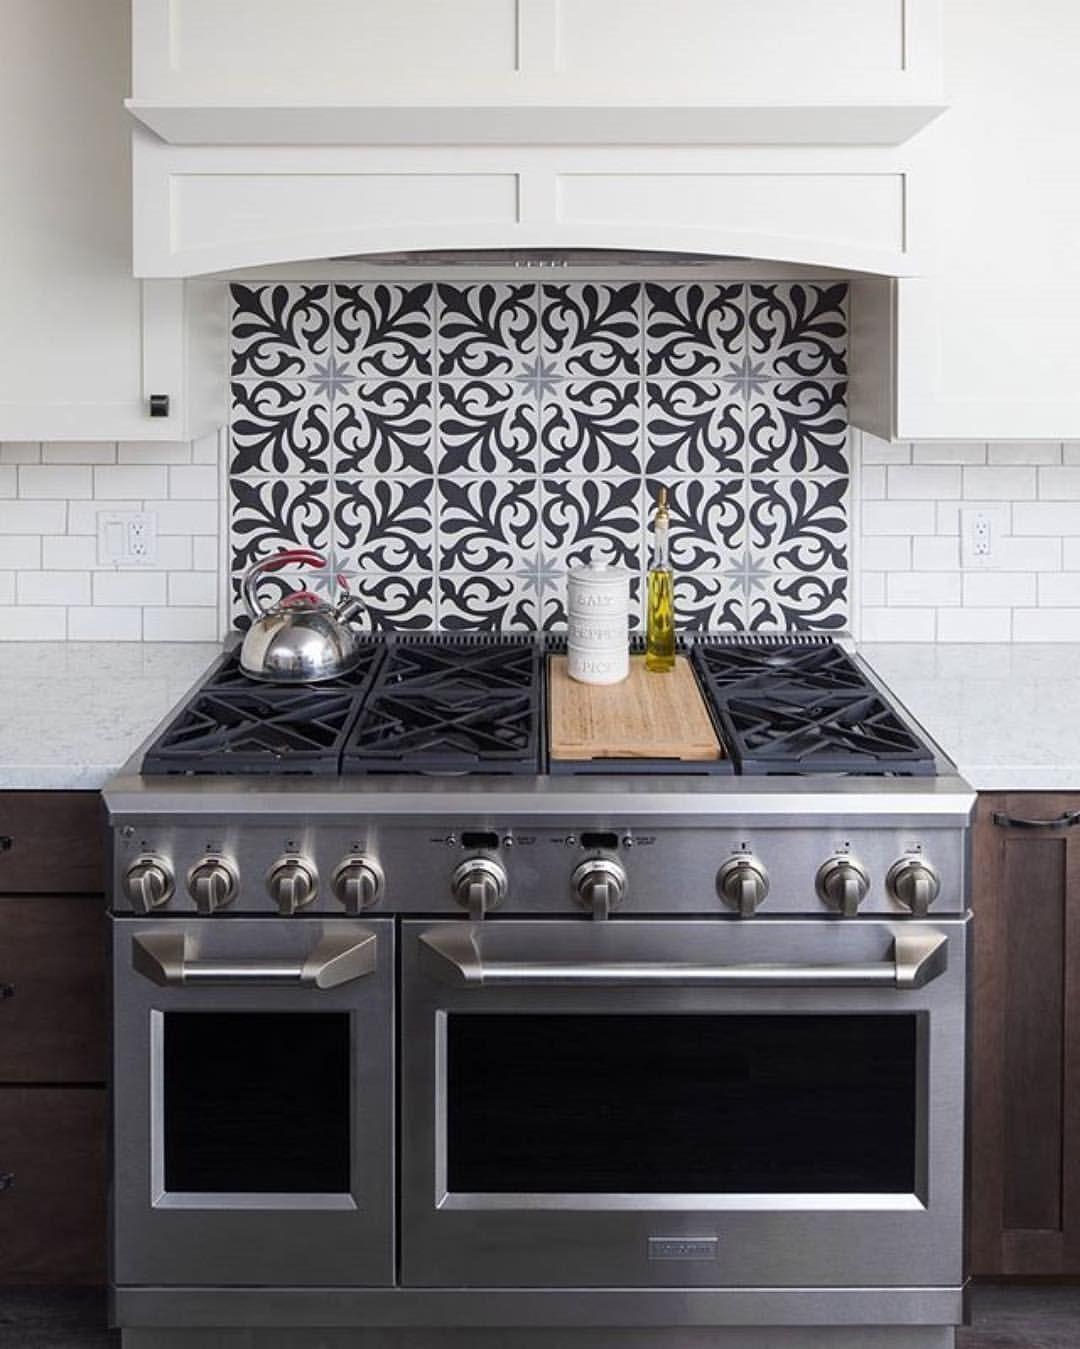 - 48+ Fancy Encaustic Tiles Ideas Farmhouse Kitchen Backsplash, Stove  Backsplash, Kitchen Backsplash Designs